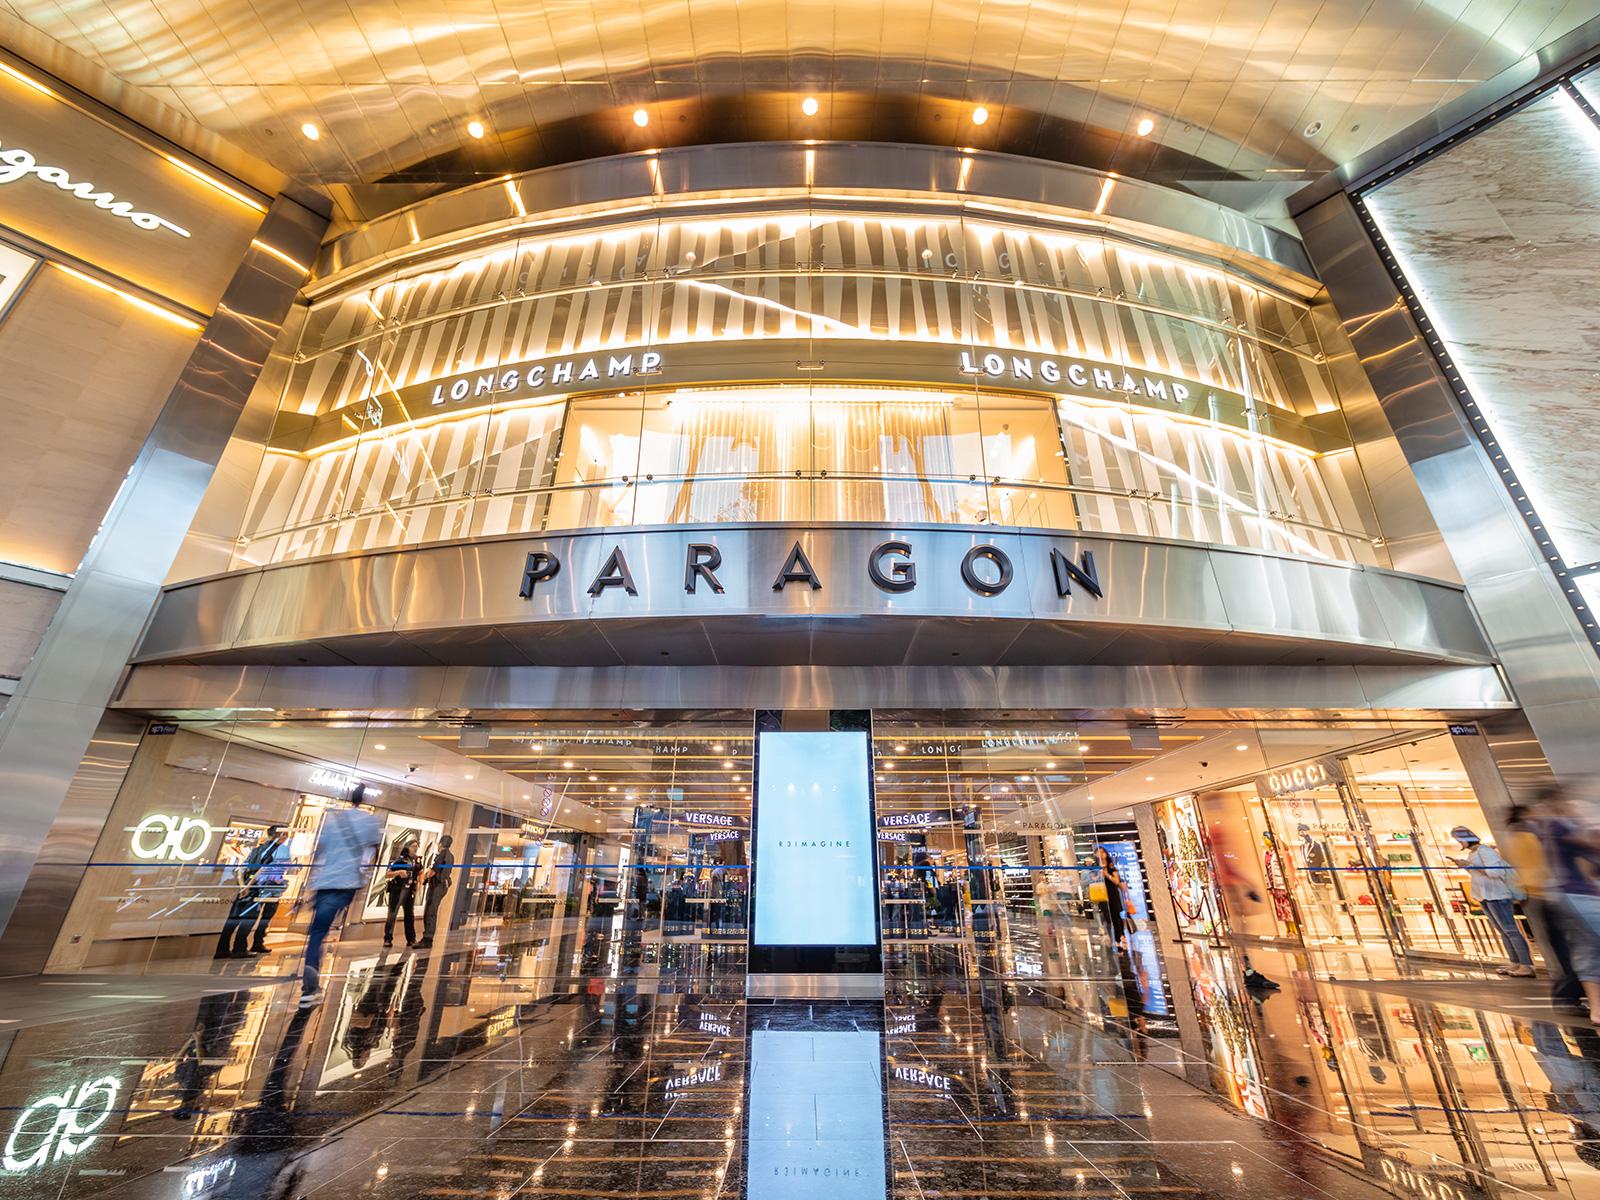 Trung tâm mua sắm Singapore Paragon Center